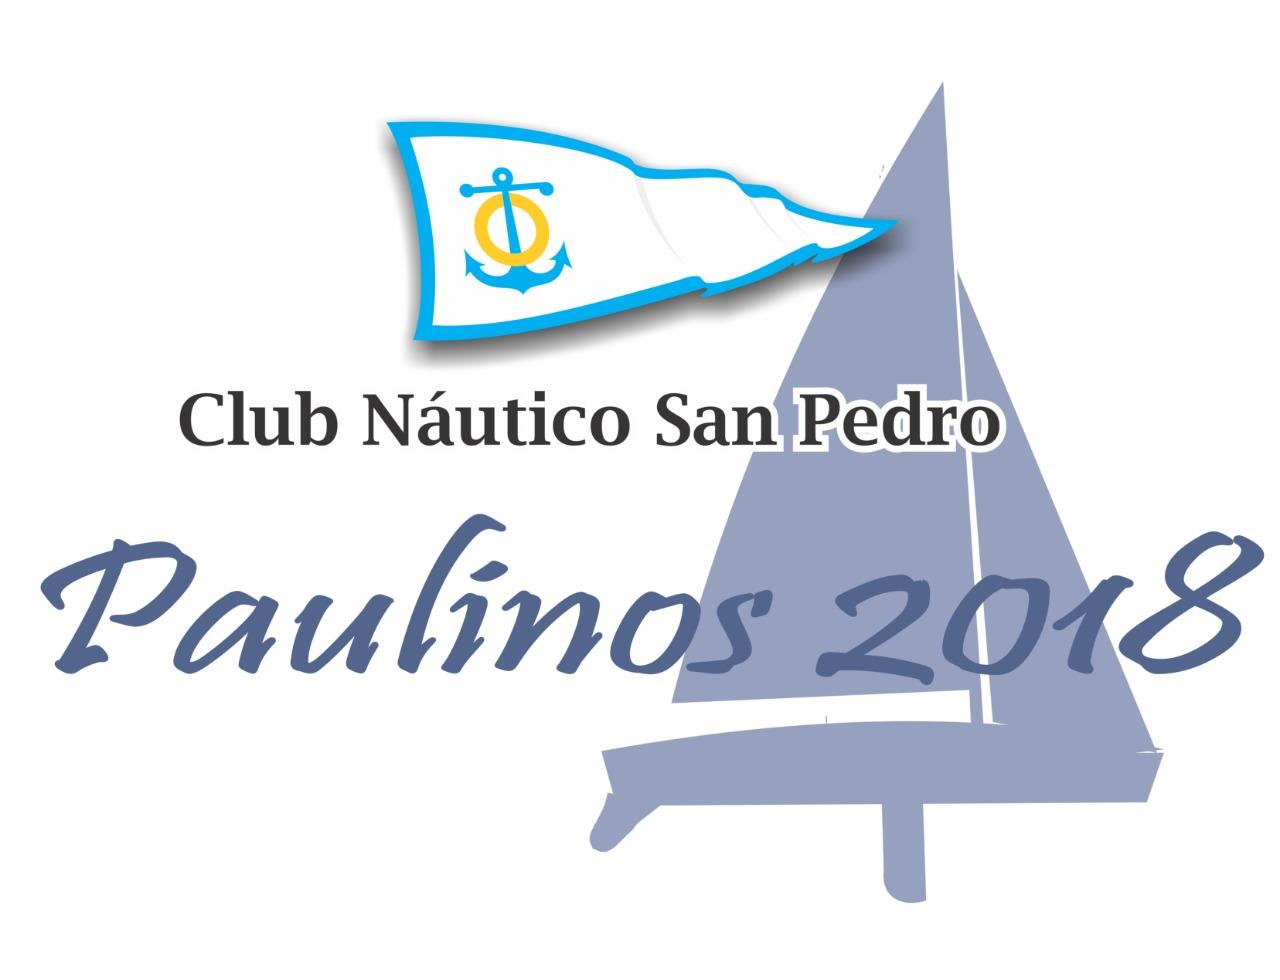 Premio Paulino: Náutico hará entrega el domingo desde las 20 horas